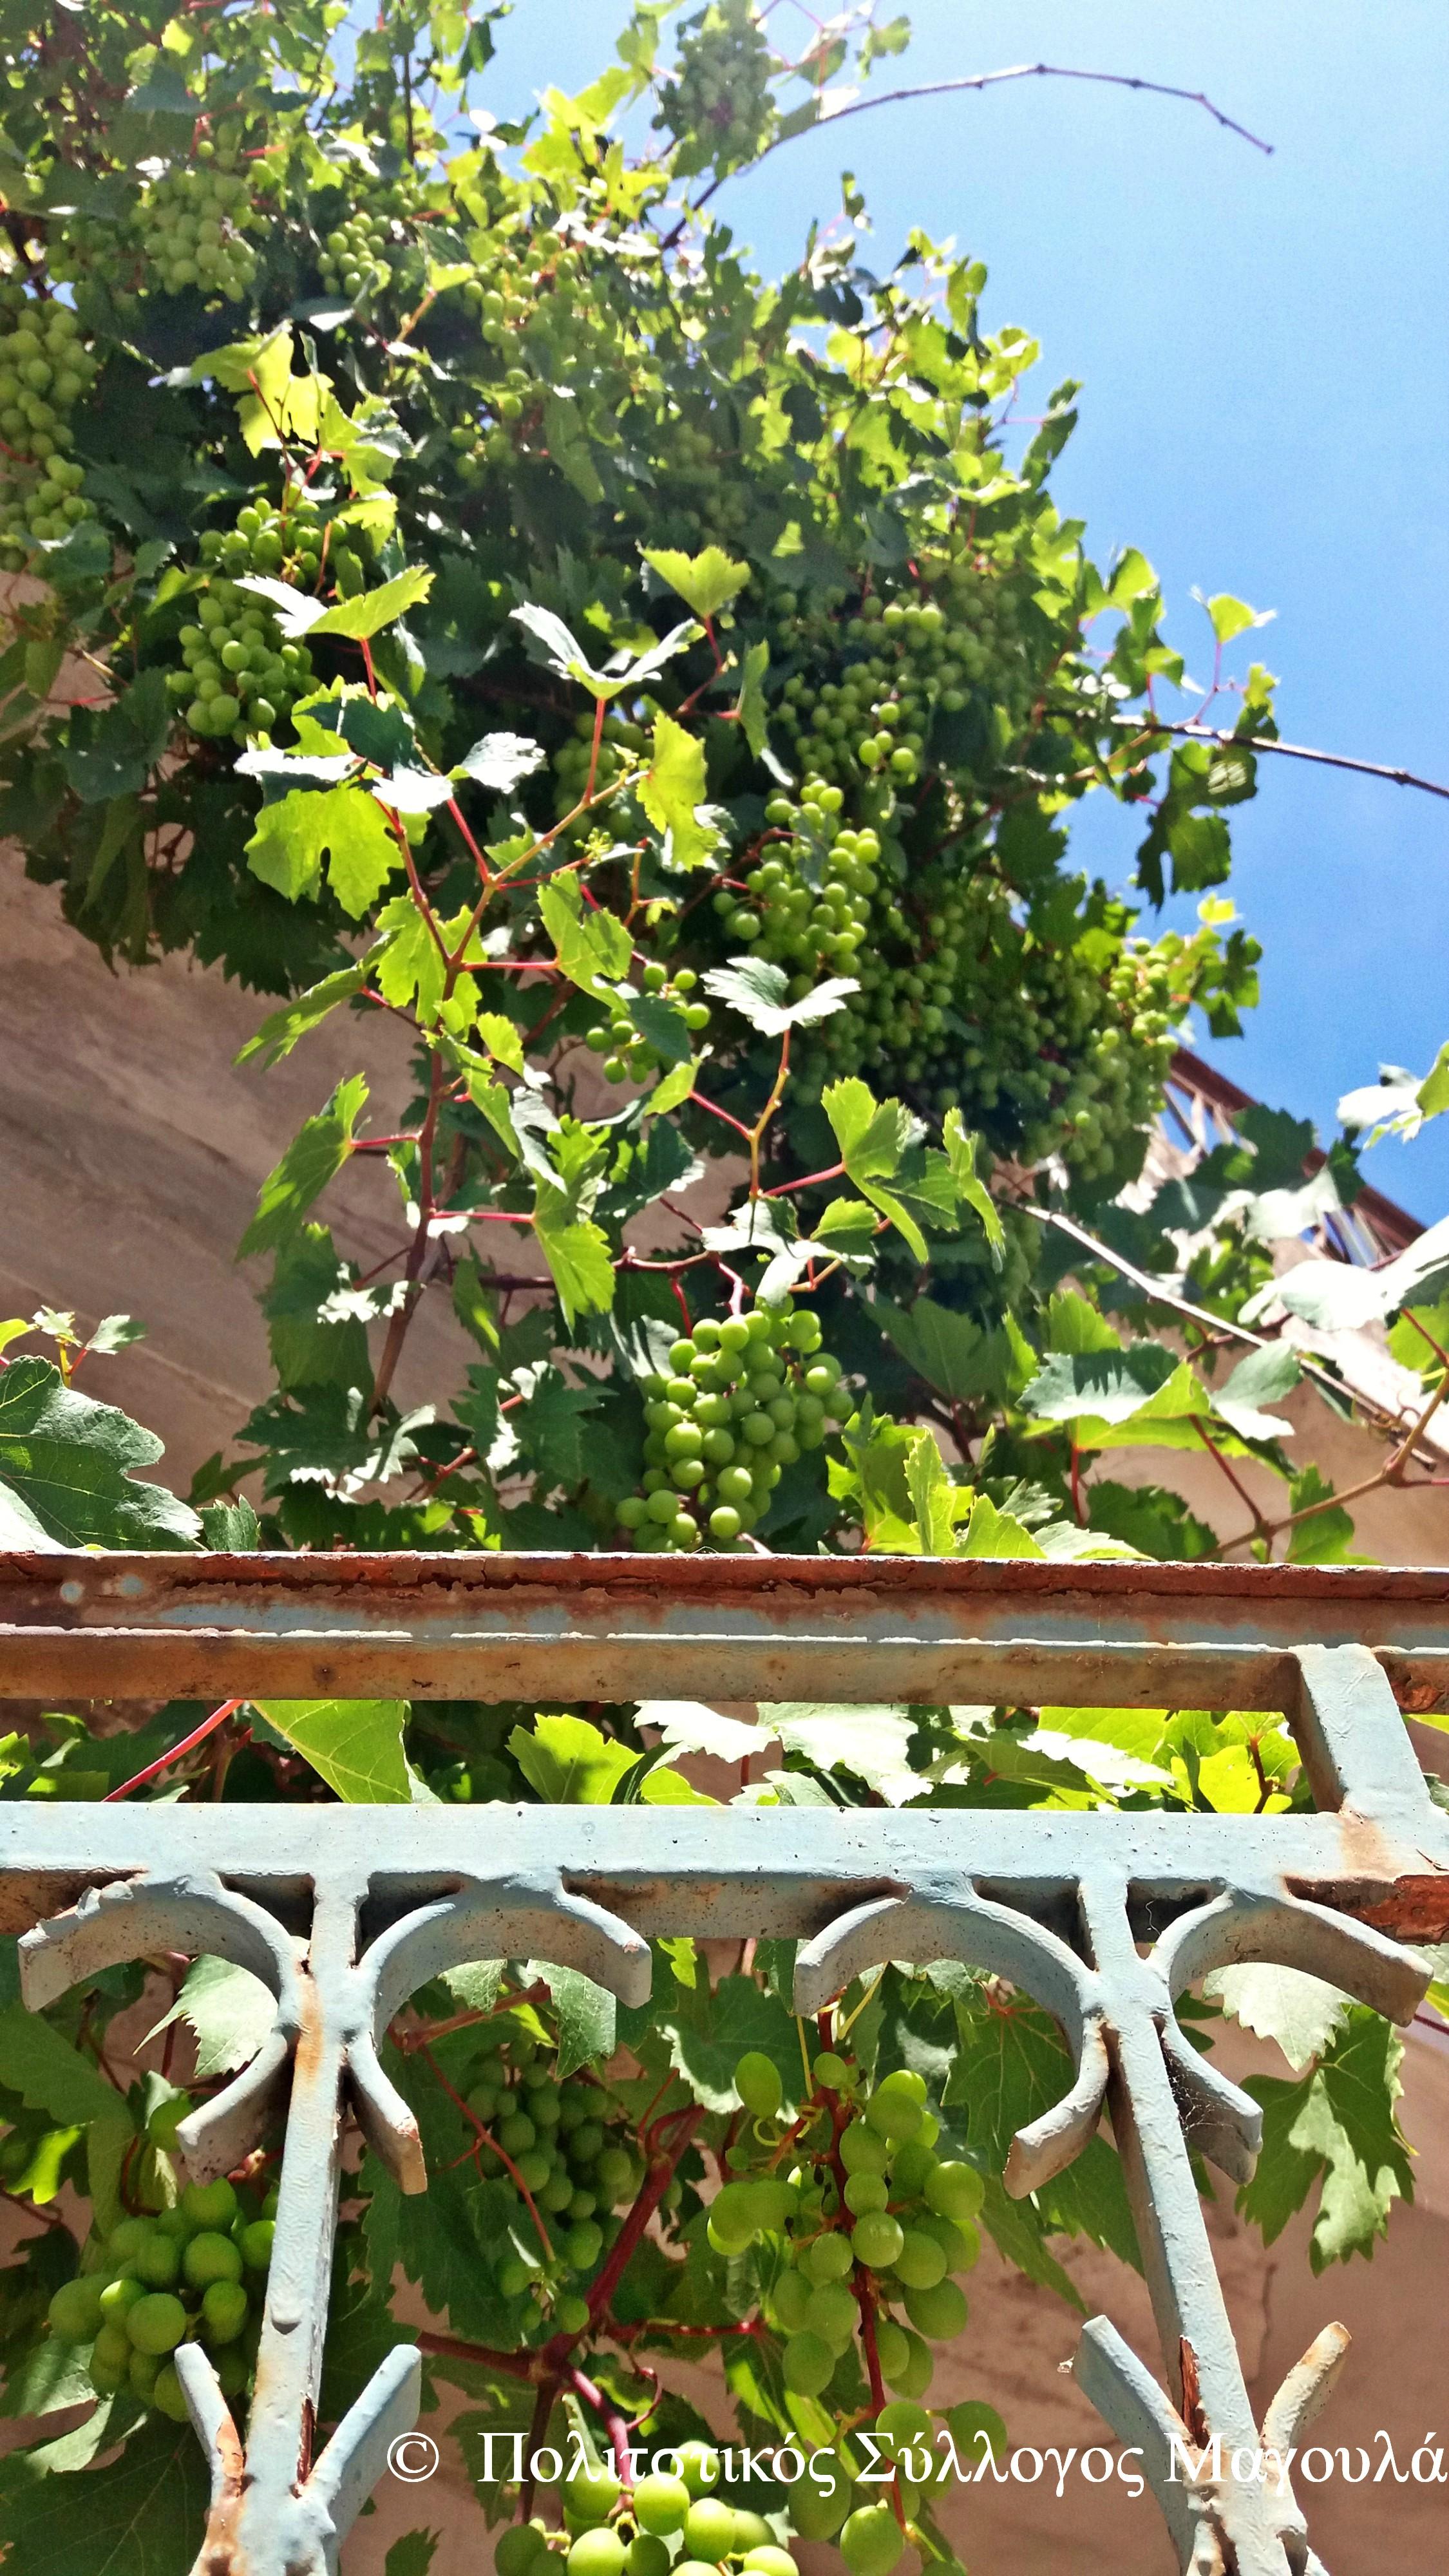 Κληματαριά με σταφύλια σε κάθε σπίτι του χωριού- Grapes in every house of the village